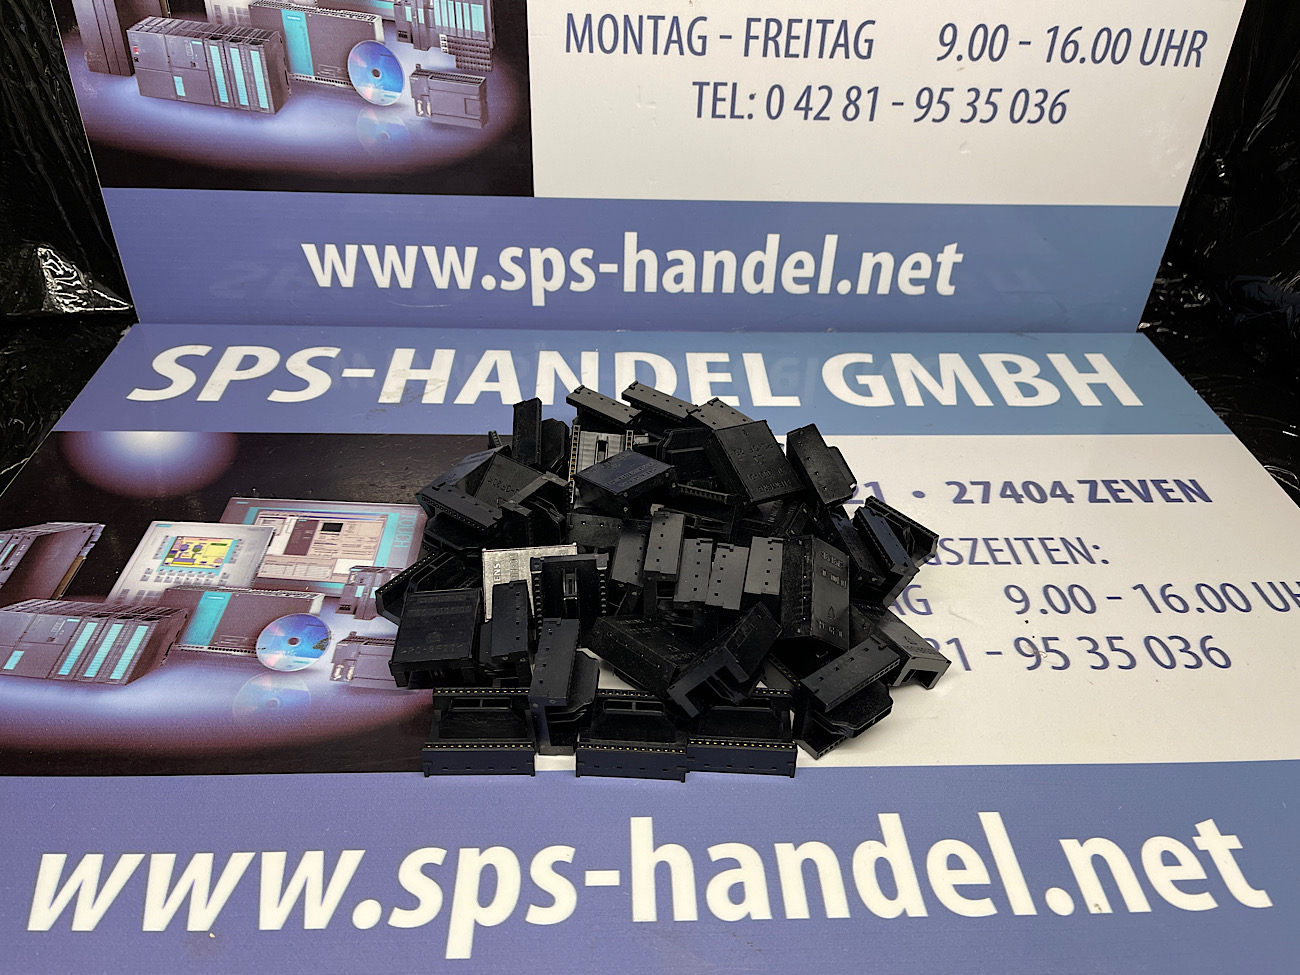 6ES7390-0AA00-0AA0 | 720 2001-01 | Rückwandbus PC-GF 20 | NEU o.OVP